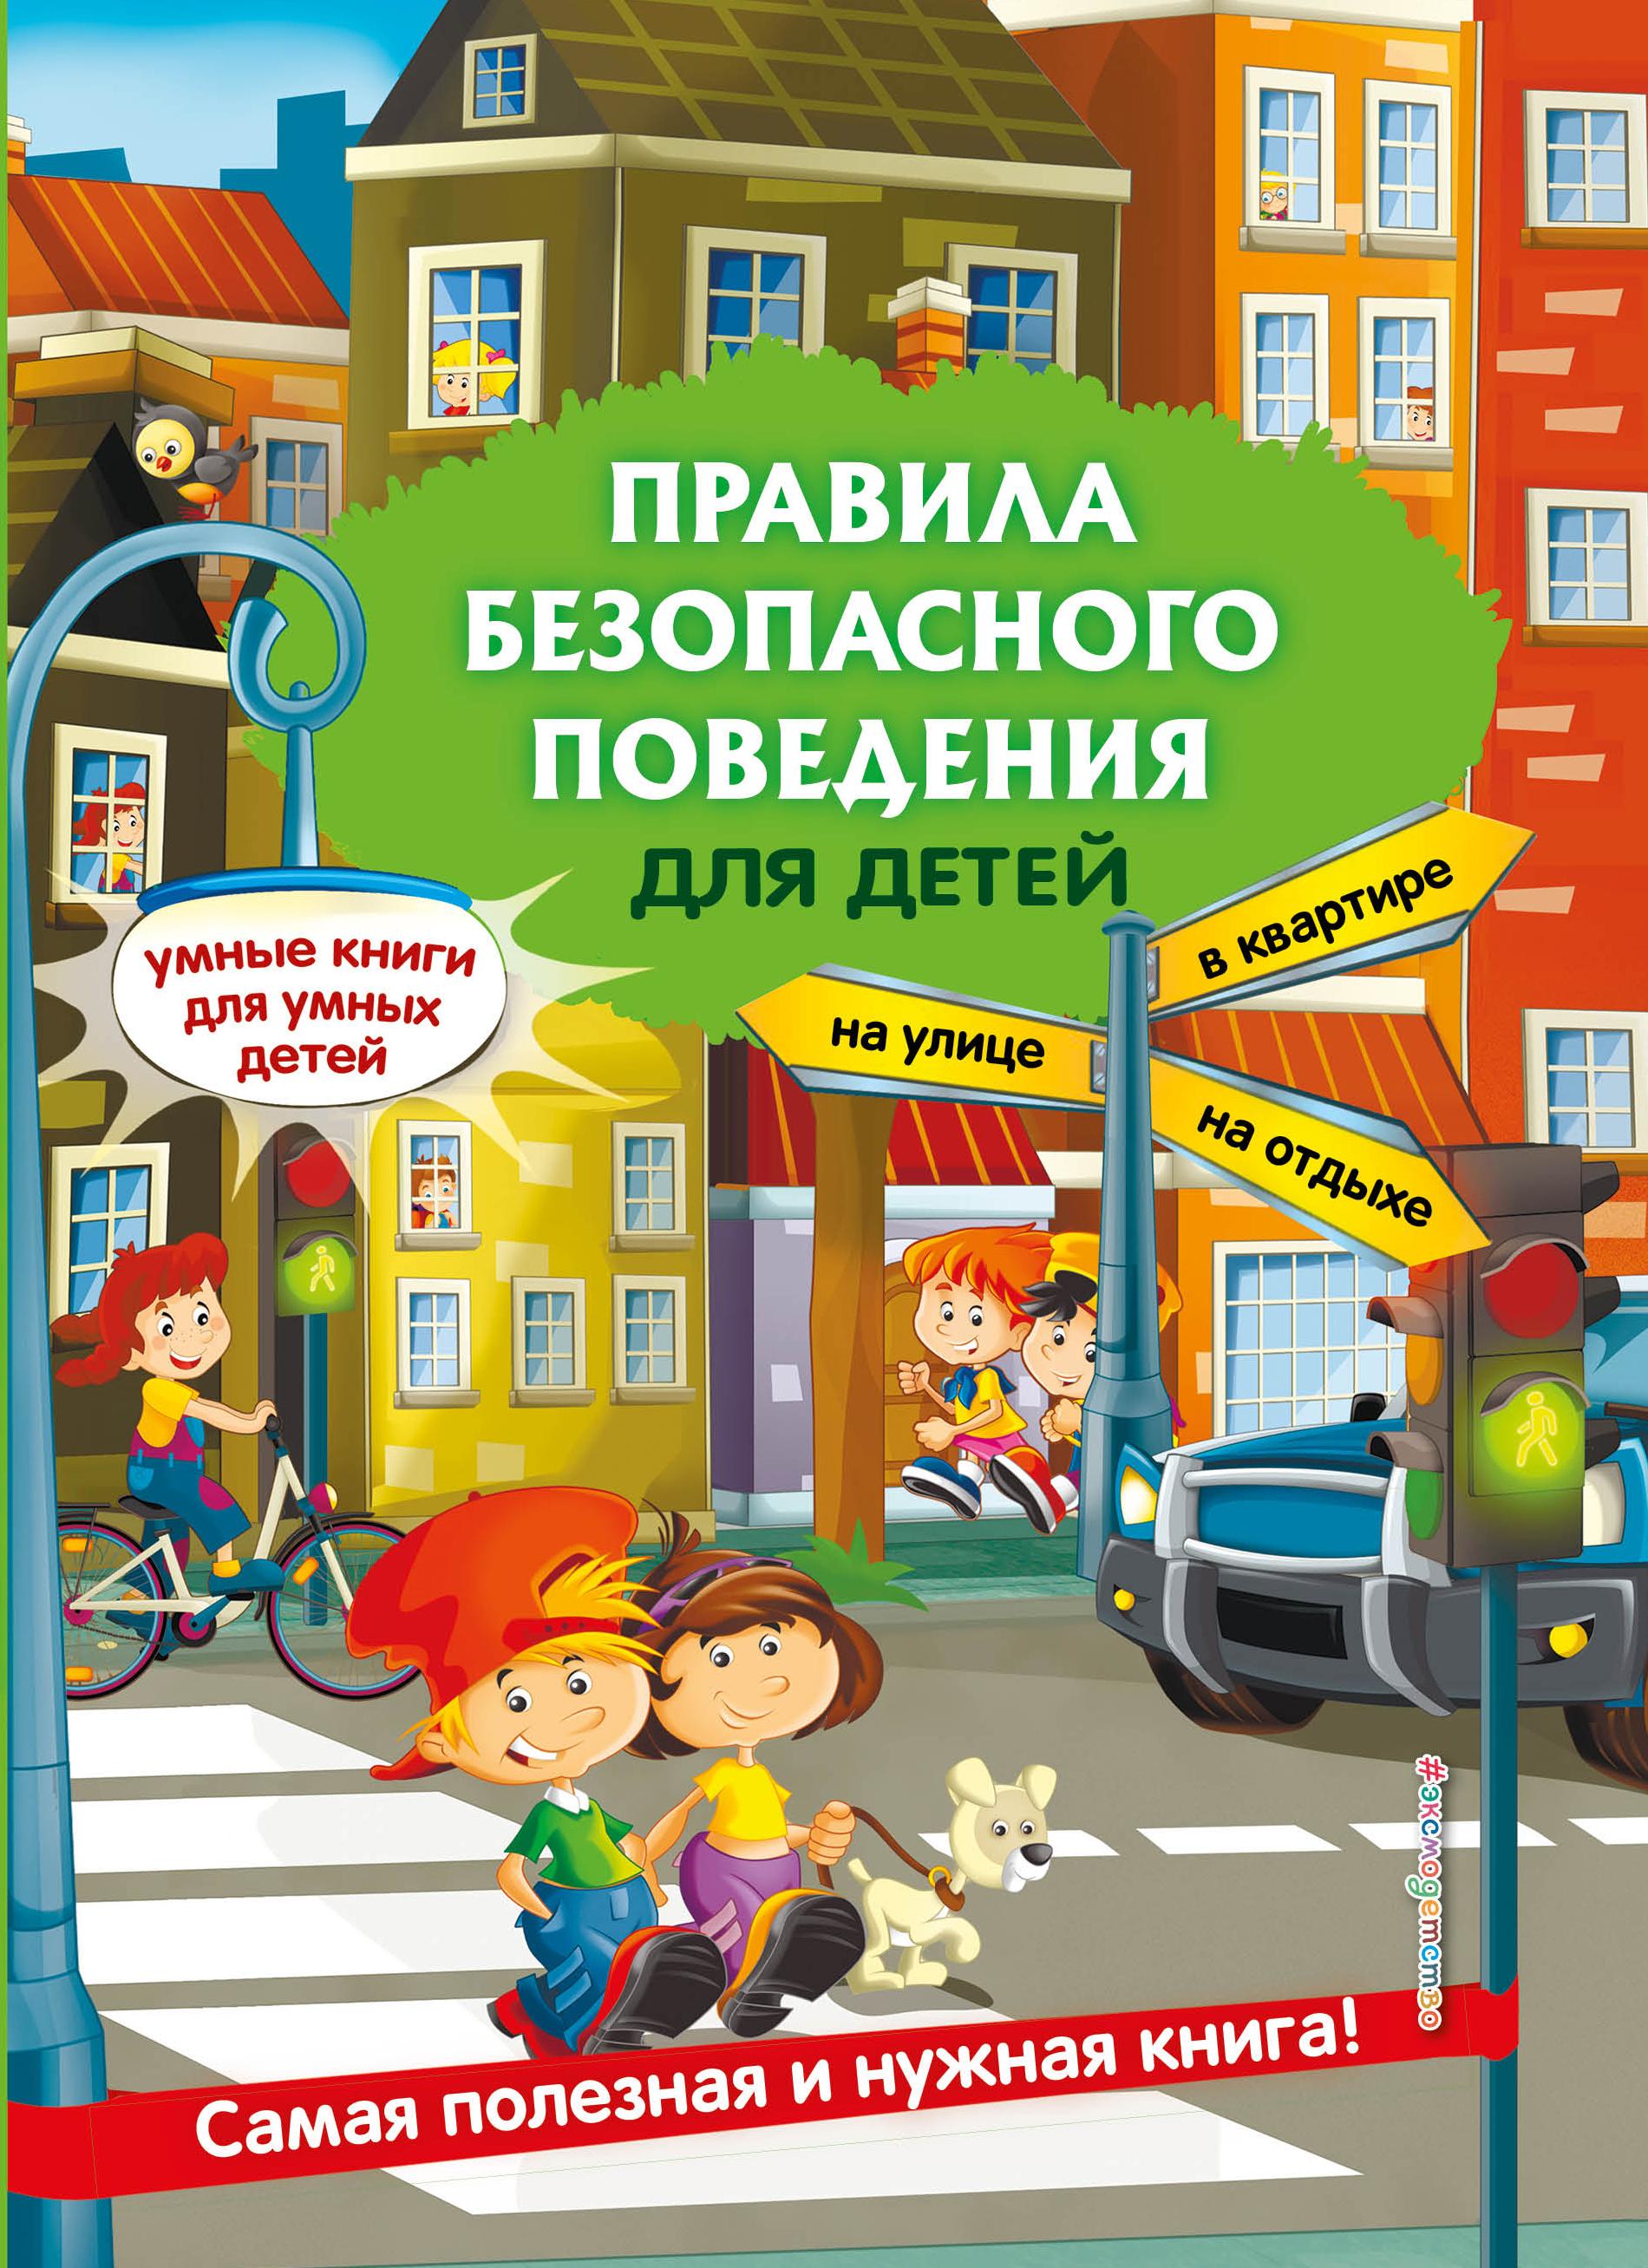 Правила безопасного поведения для детей. Ю. С Василюк